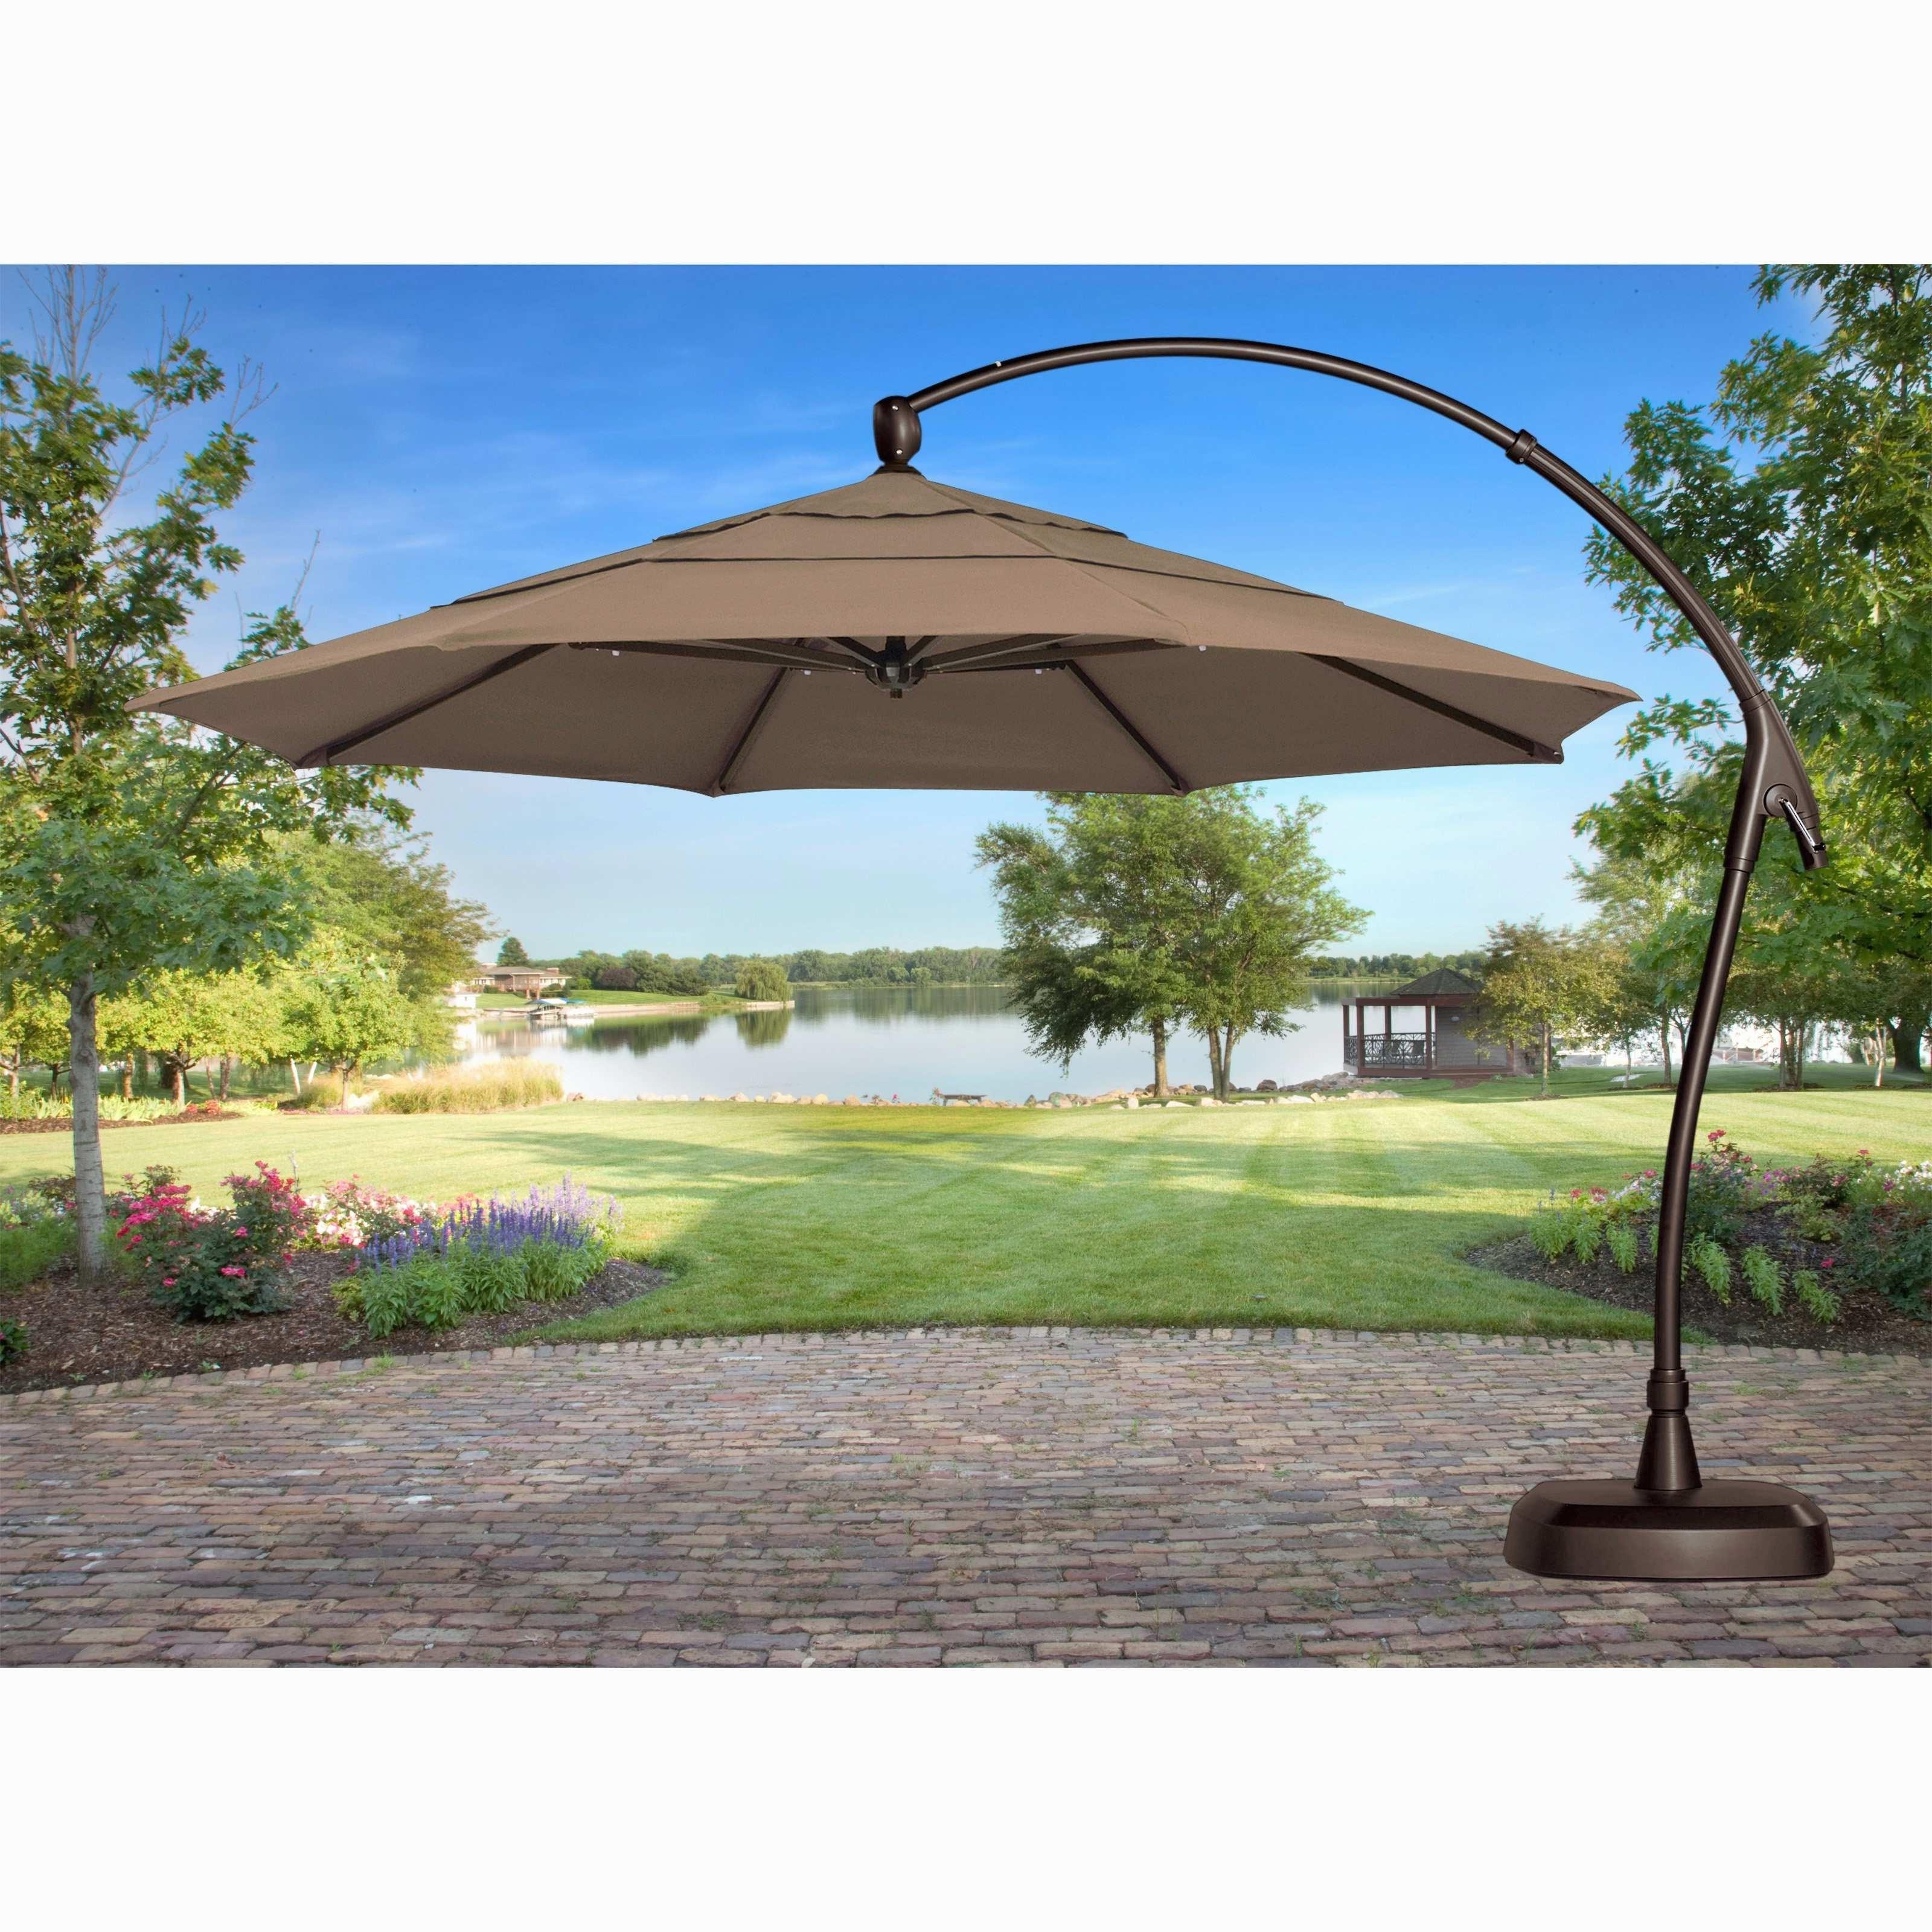 Garden Treasures Patio Umbrellas Inside Favorite 29 Astonishing Small Cantilever Patio Umbrella (Gallery 14 of 20)